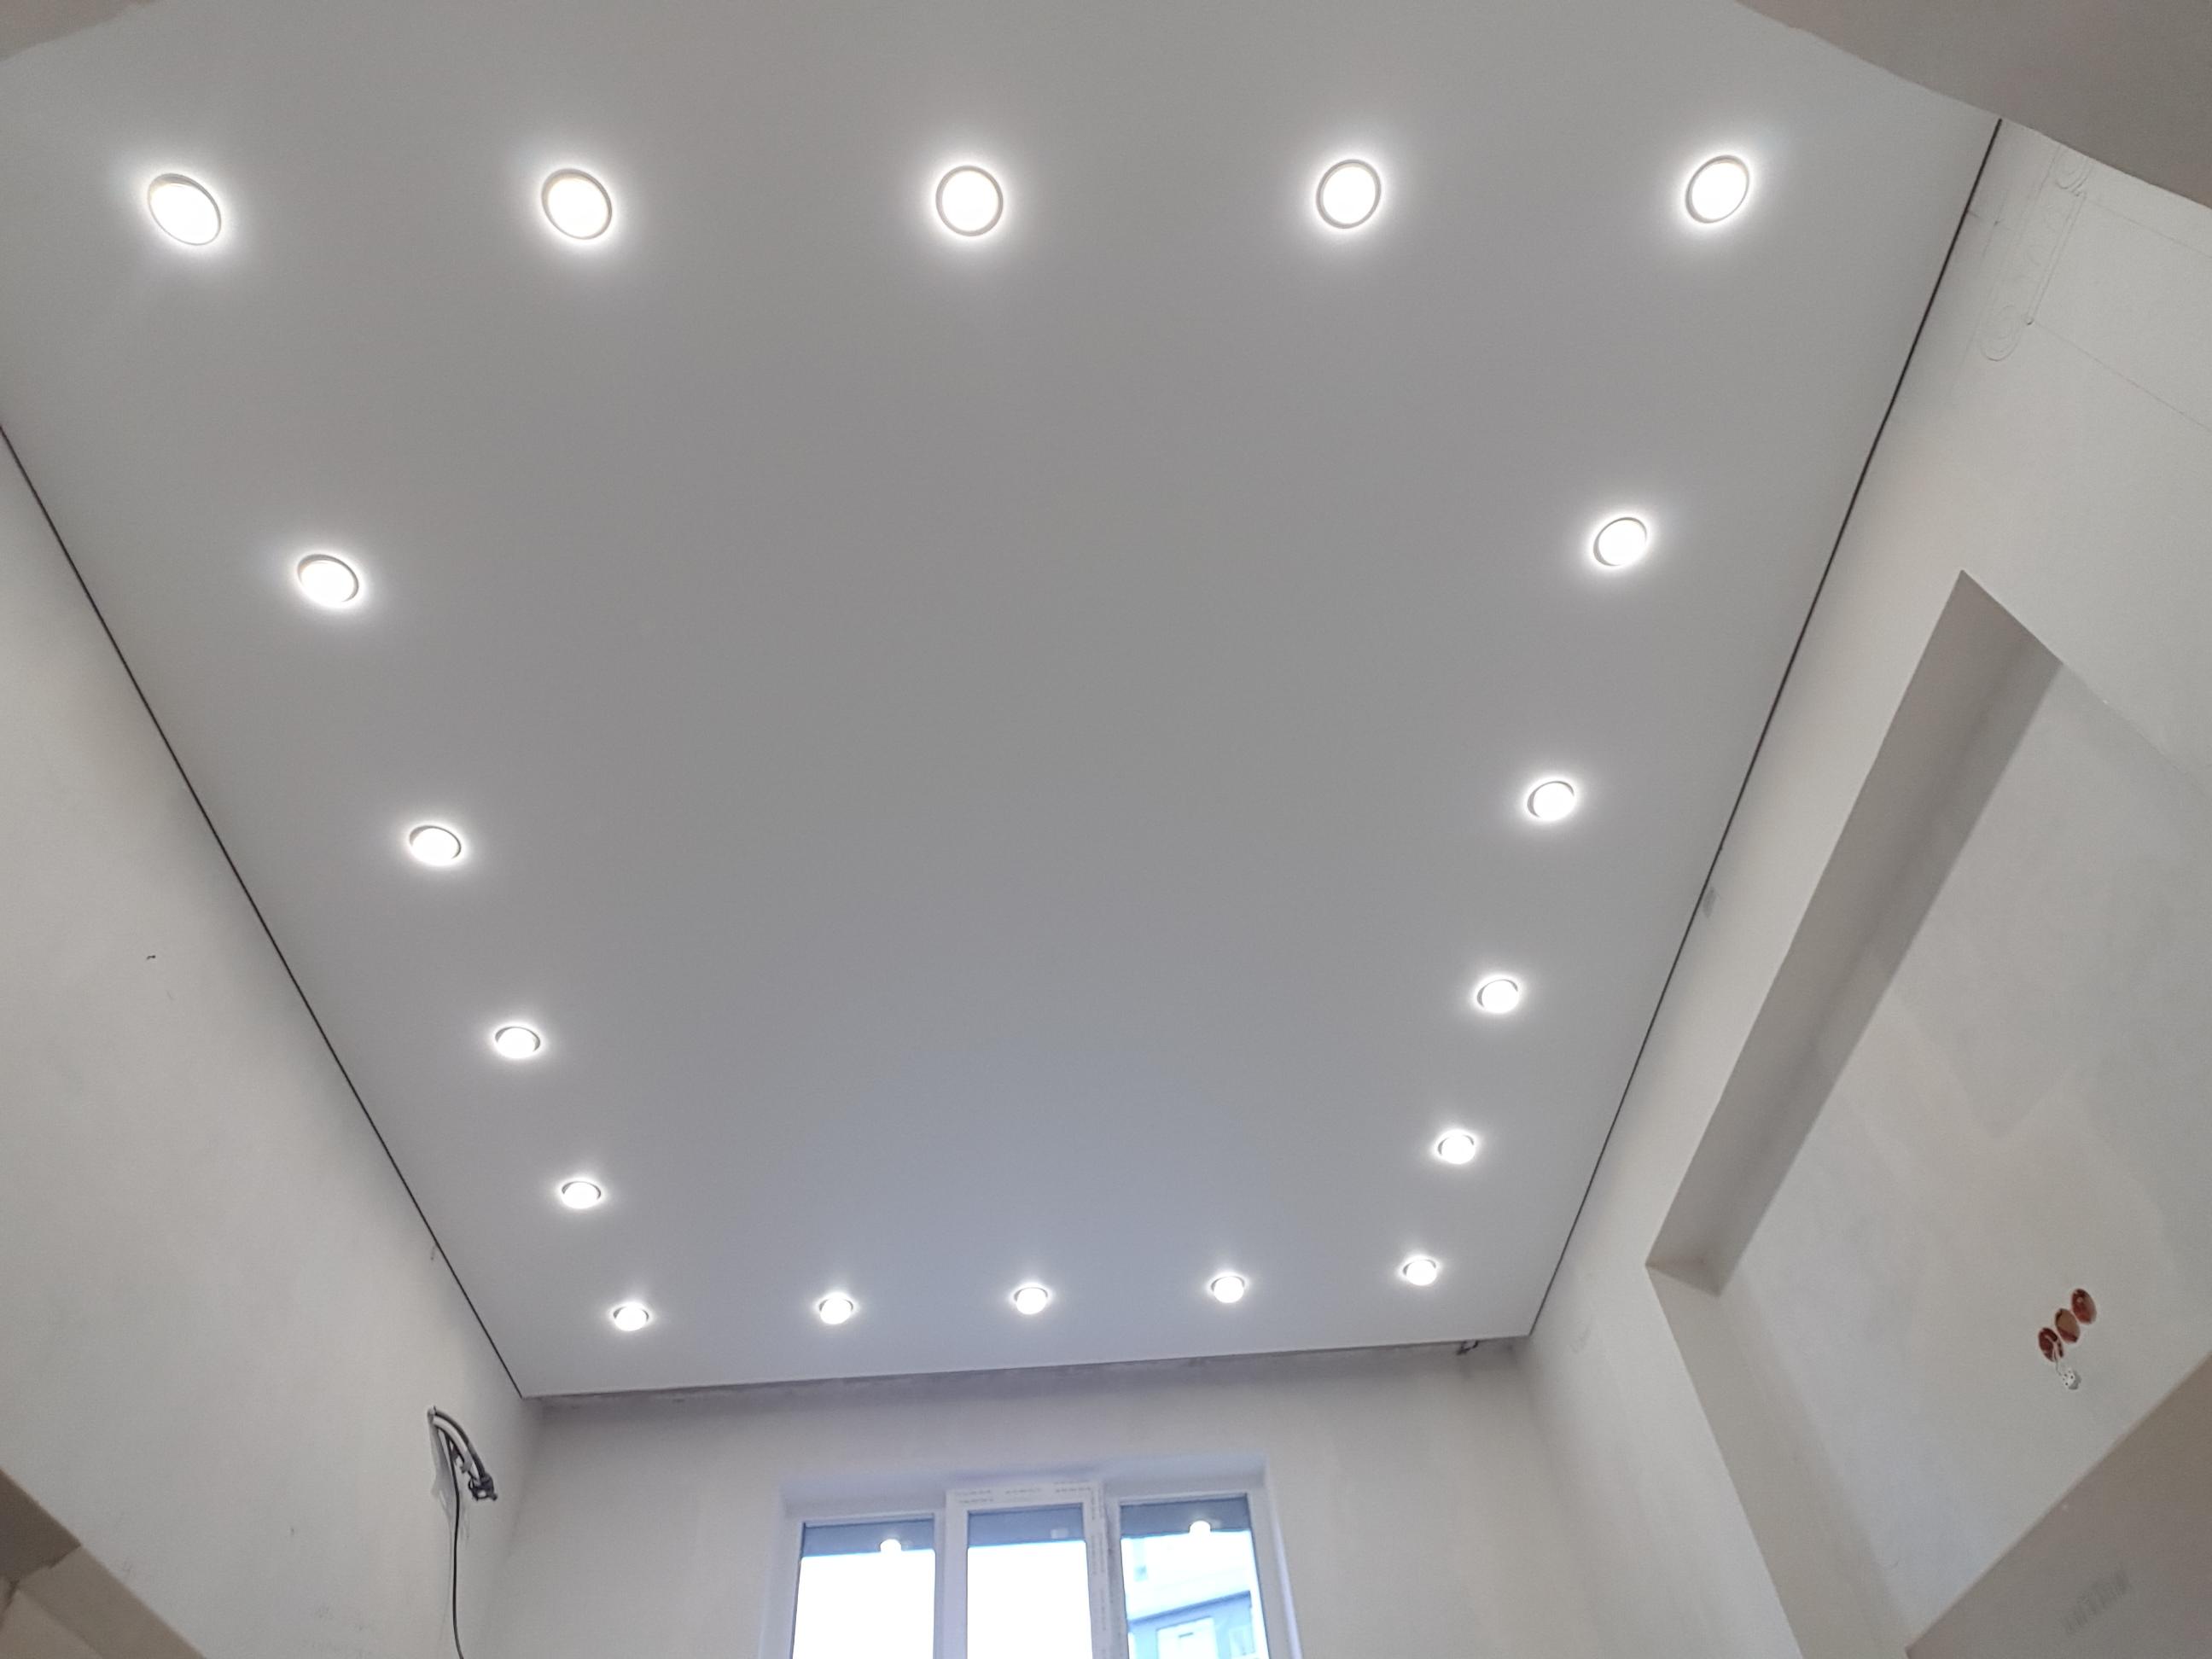 Белый потолок, высота 2,5 м, площадь комнаты 12 кв.м